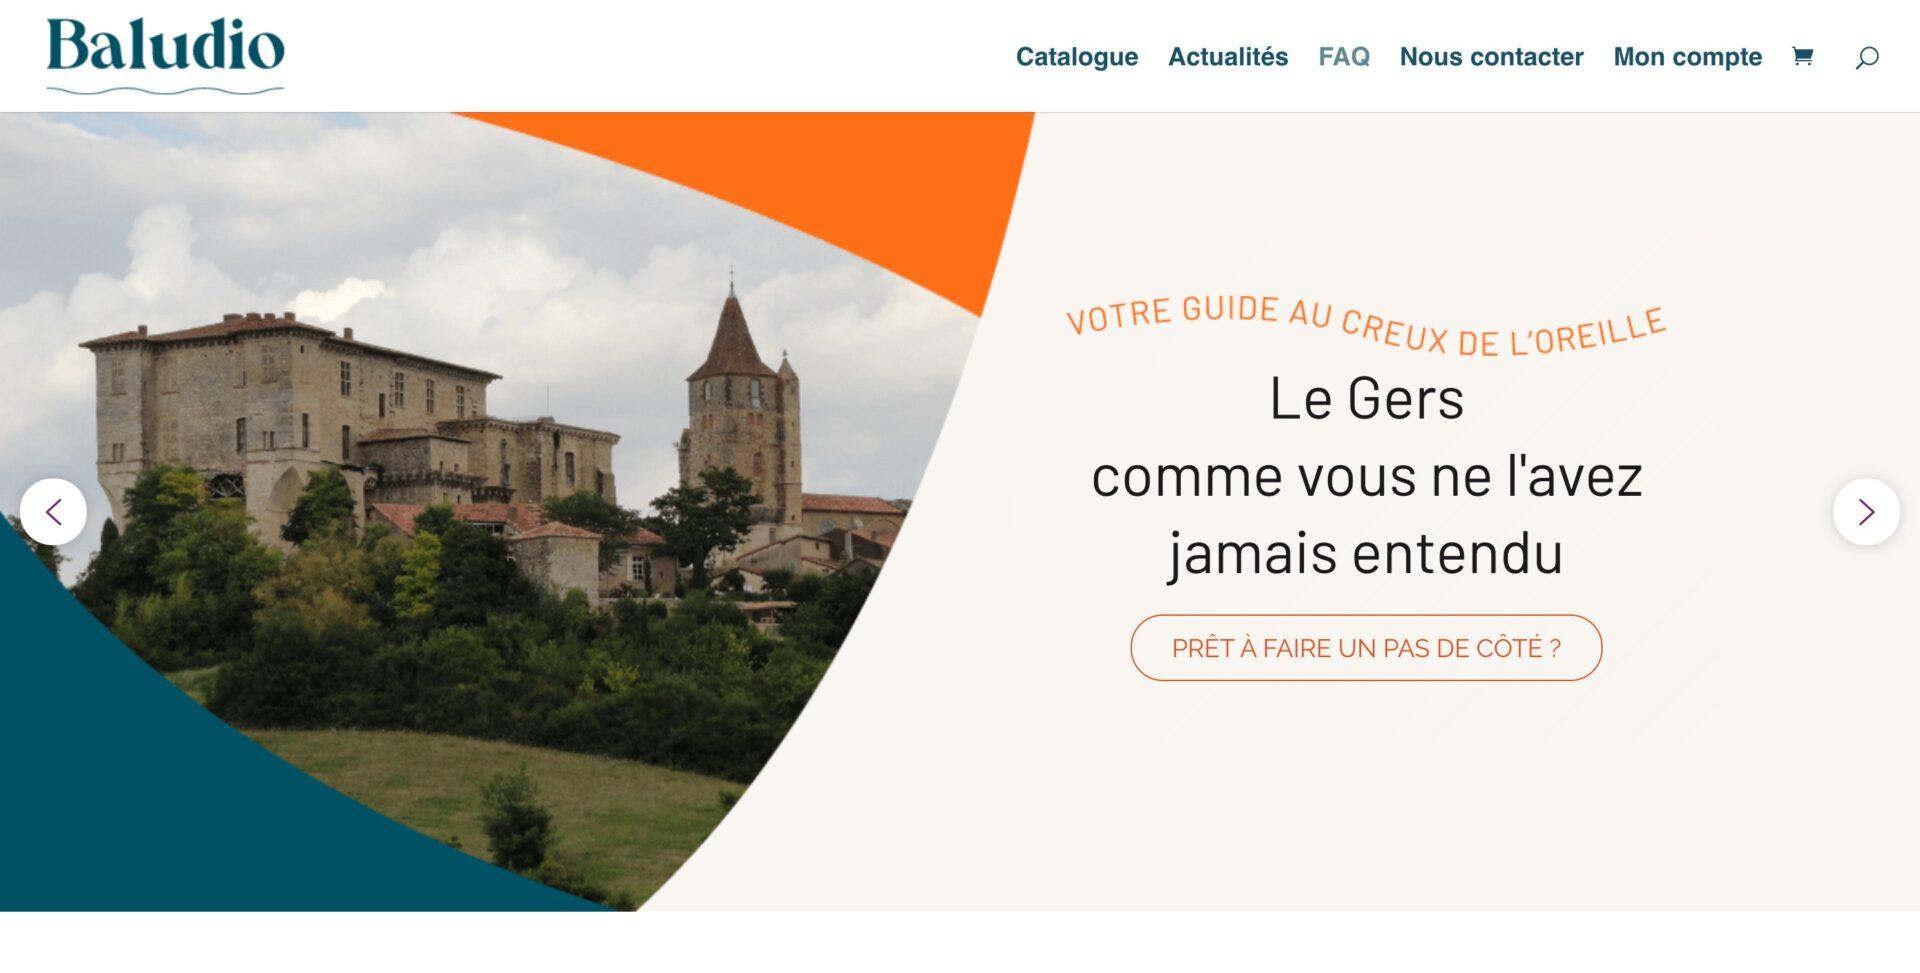 Baludio.fr